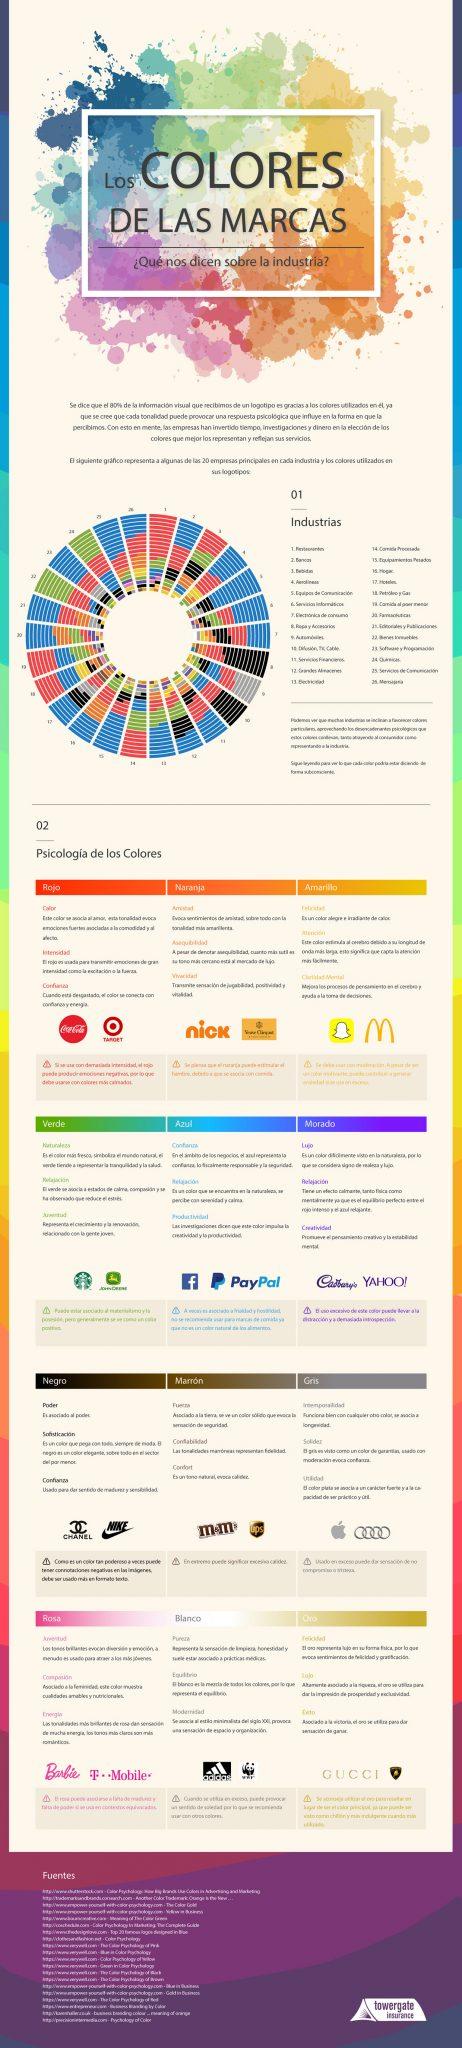 colores y marcas industrial empresas